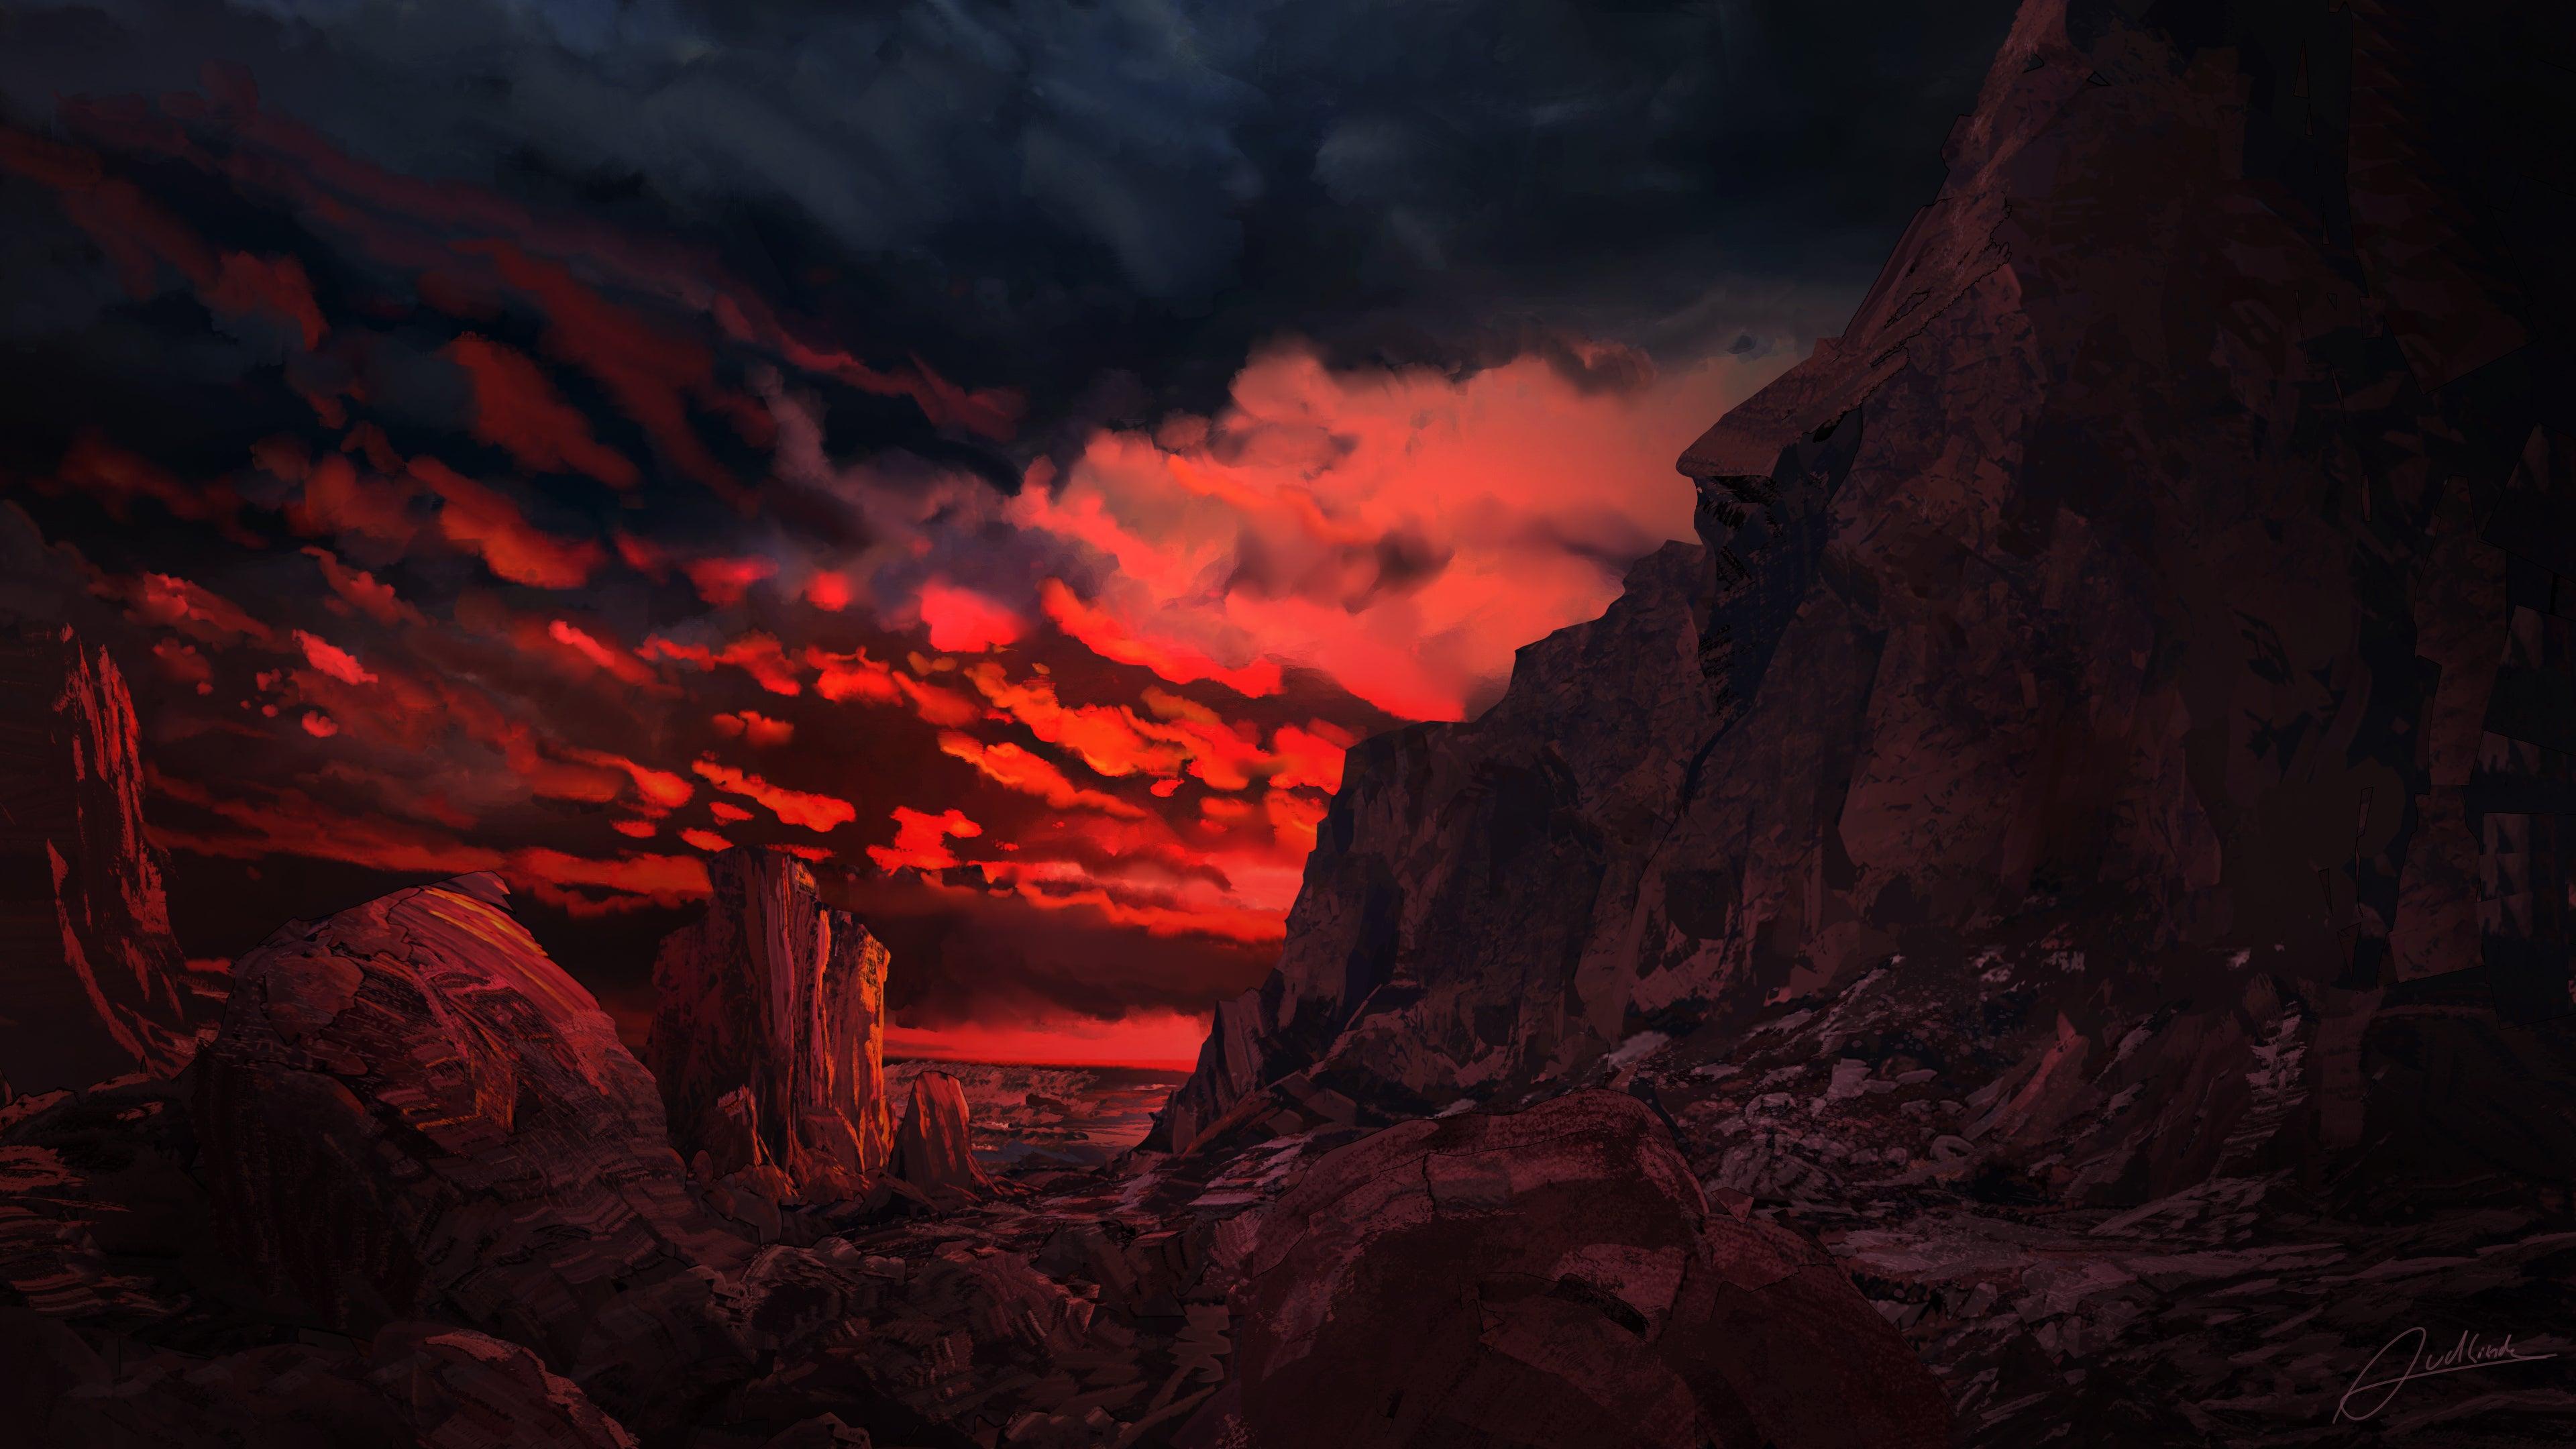 Red Sunset 4k Wallpaper